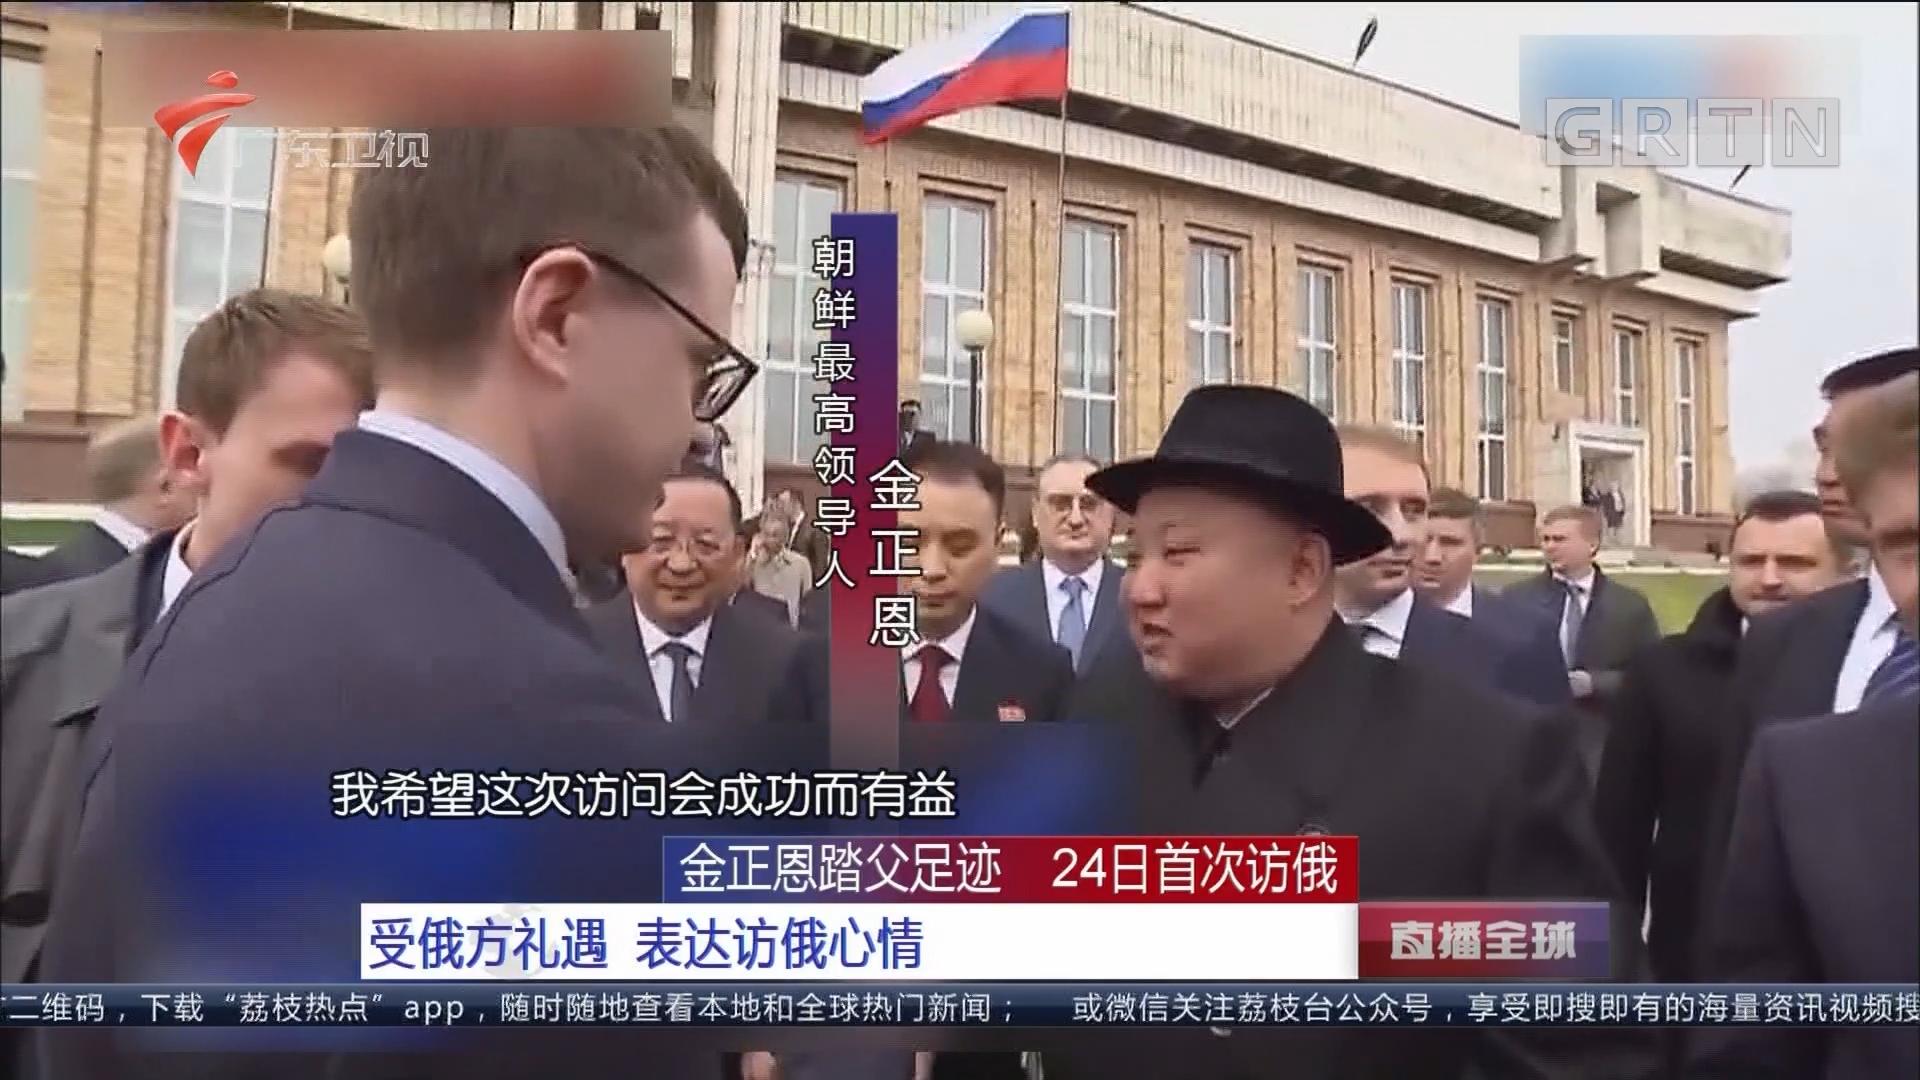 金正恩踏父足迹 24日首次访俄:受俄方礼遇 表达访俄心情